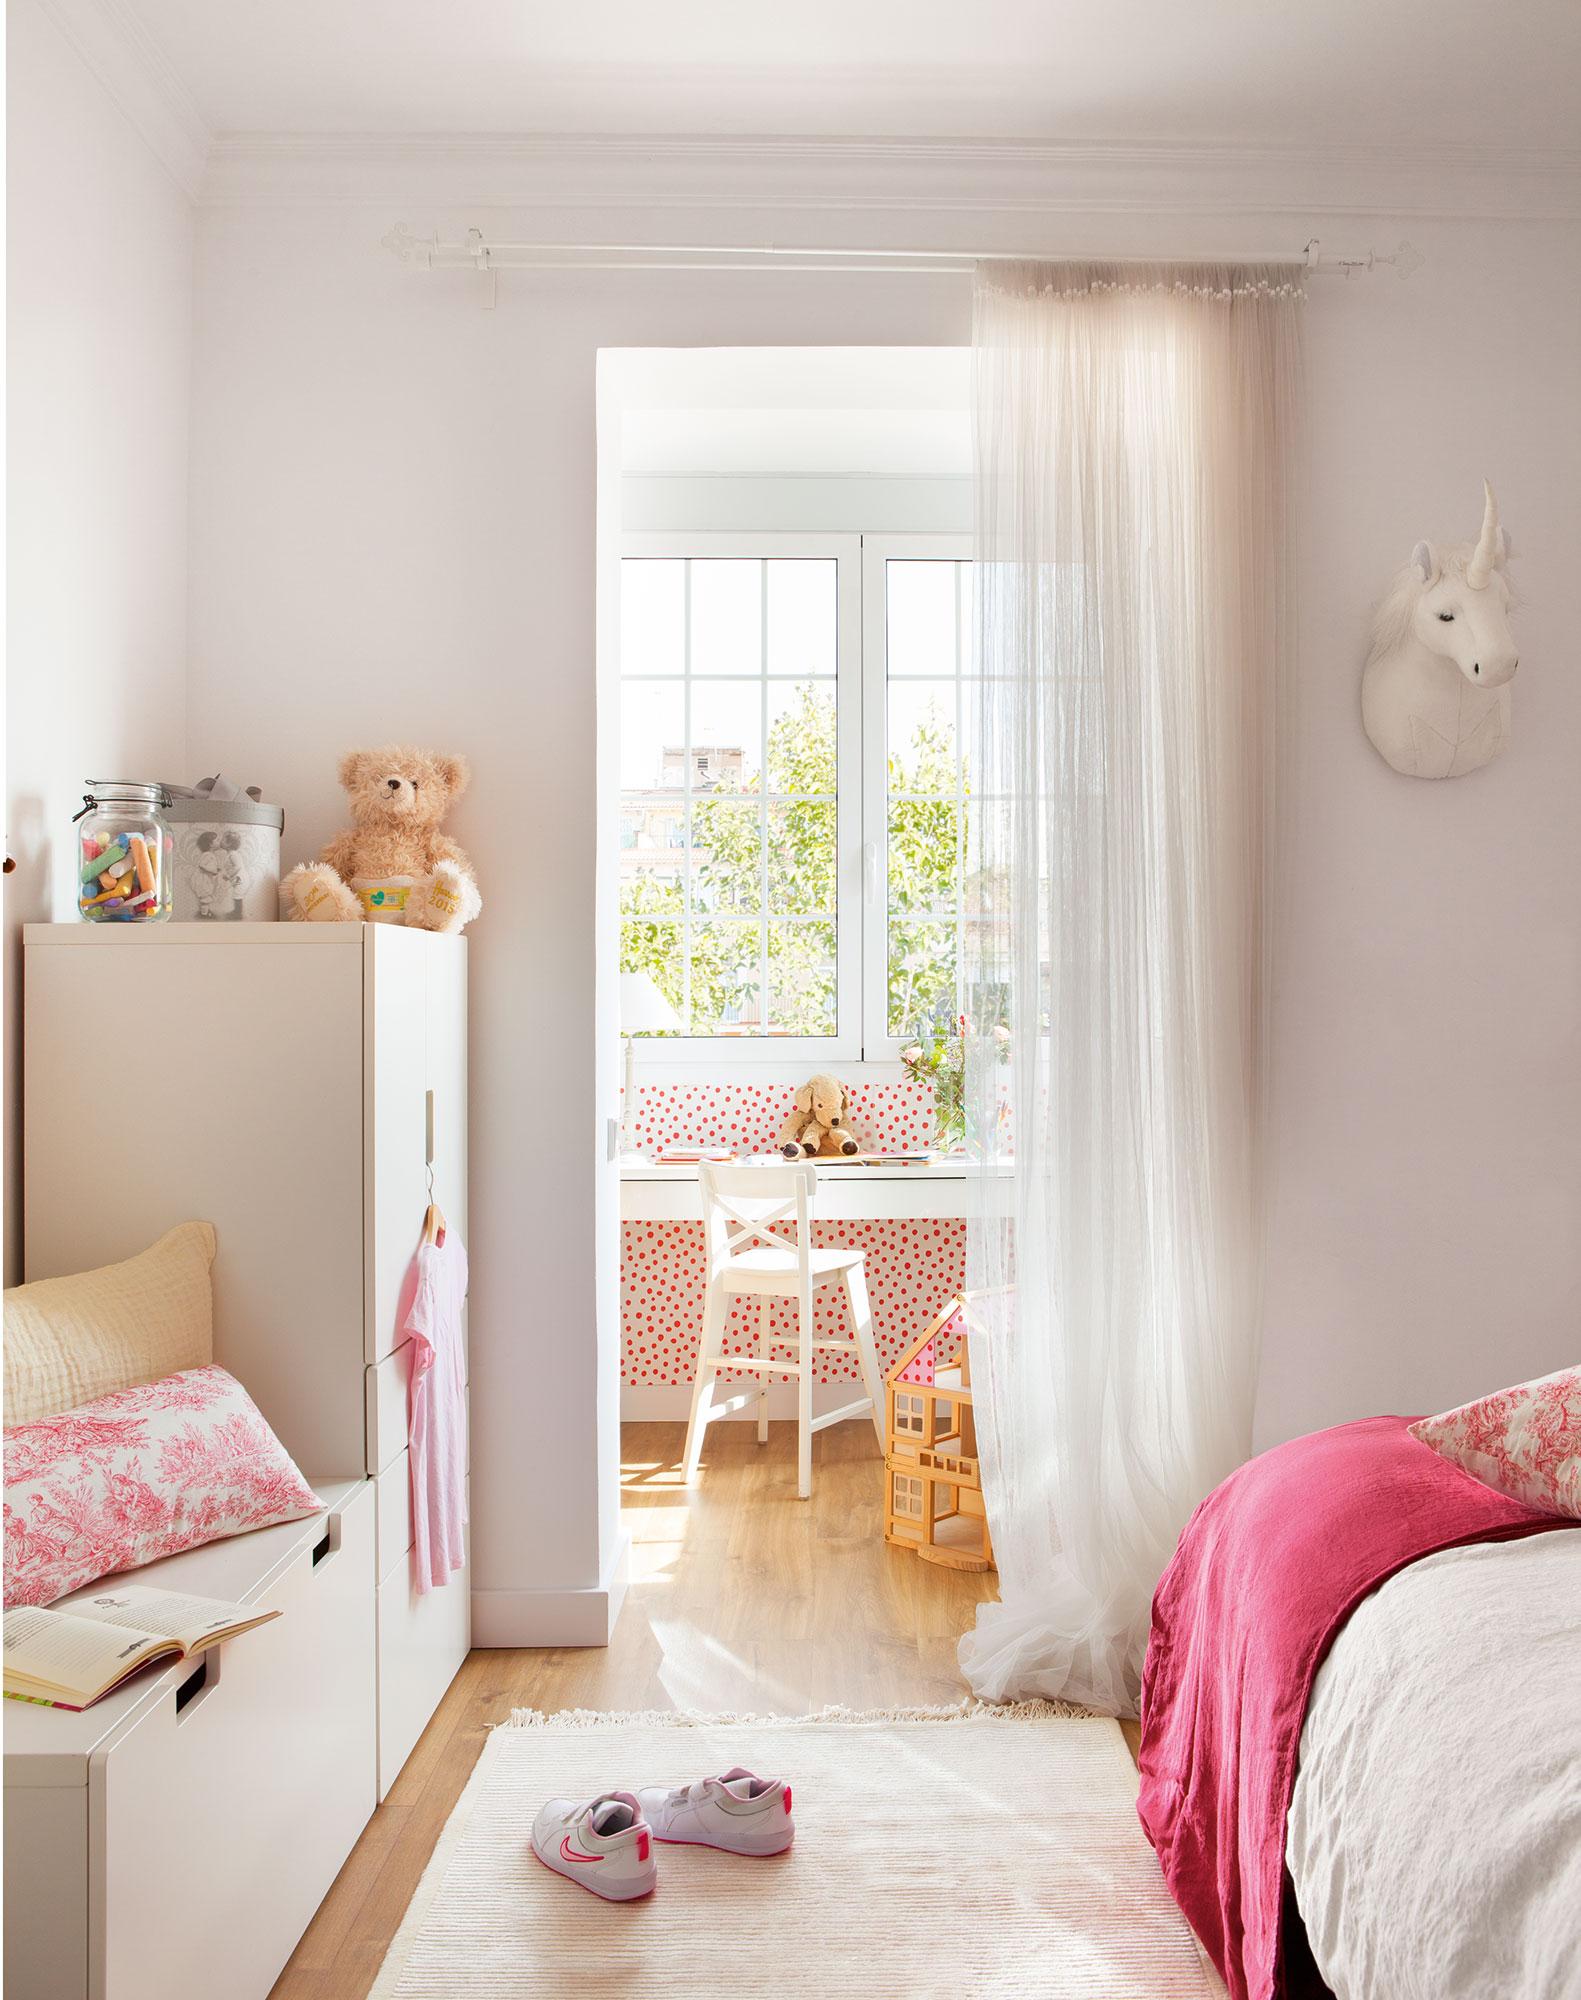 Seis lecciones que esta holandesa nos puede ense ar en su piso - Habitaciones pequenas ikea ...